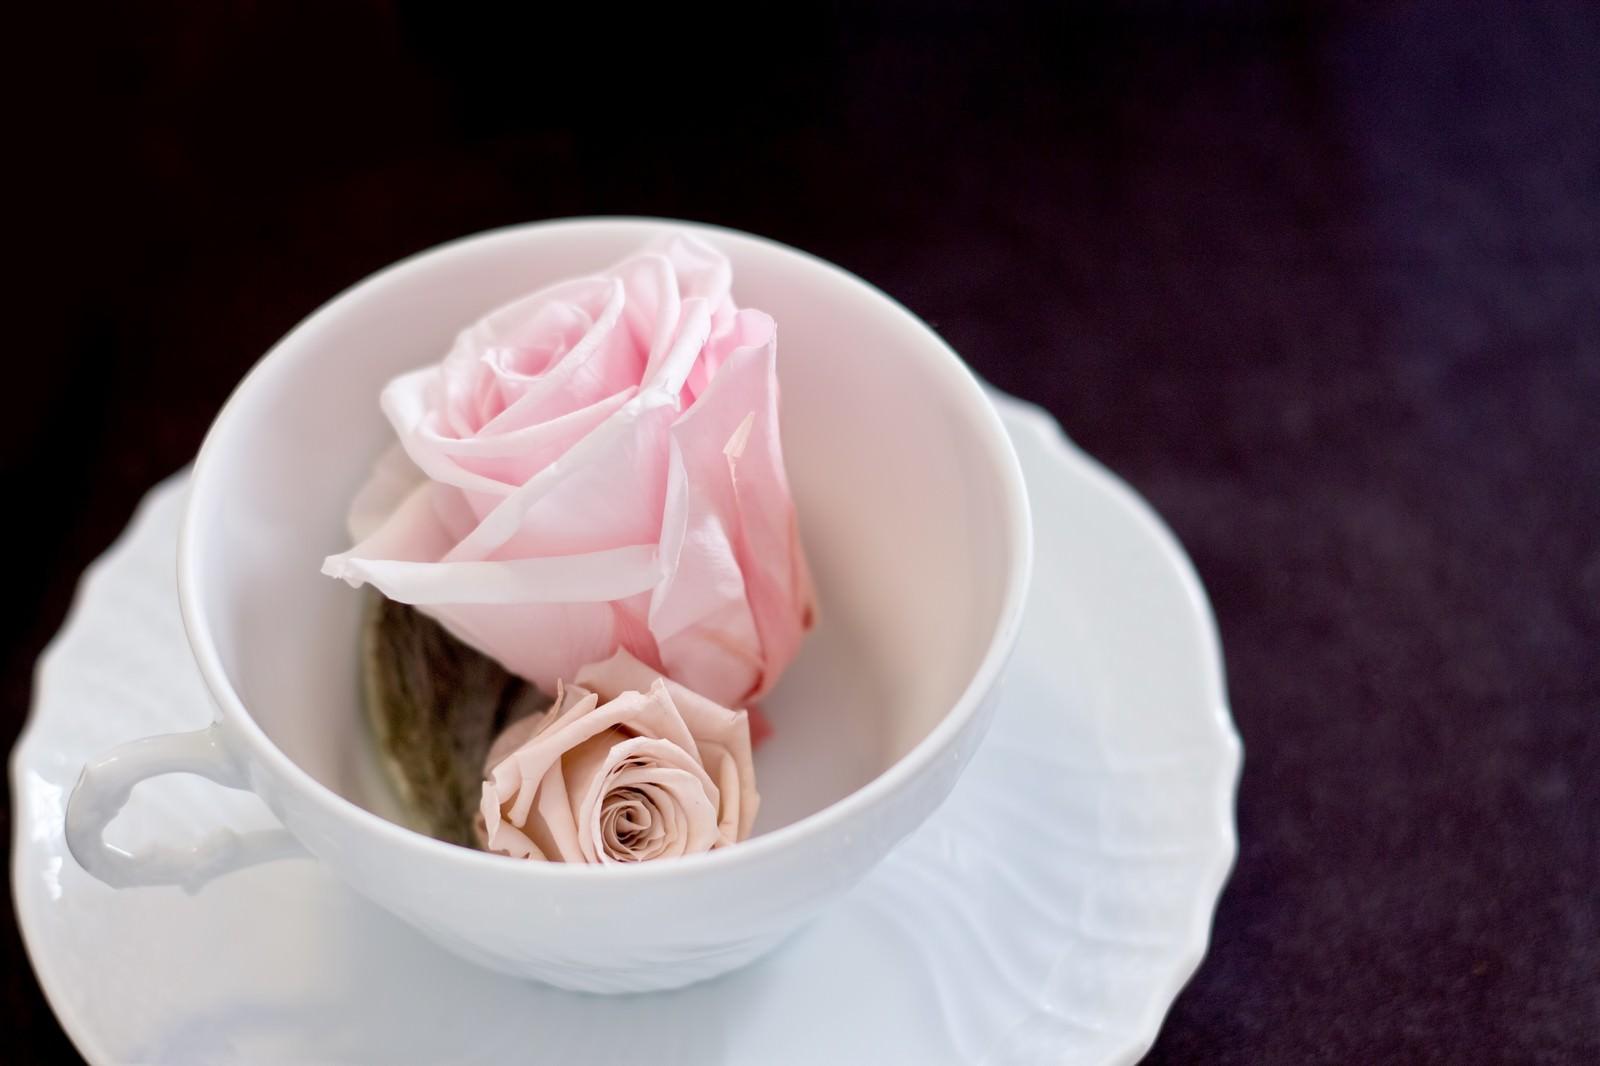 「カップに入った薔薇の花」の写真